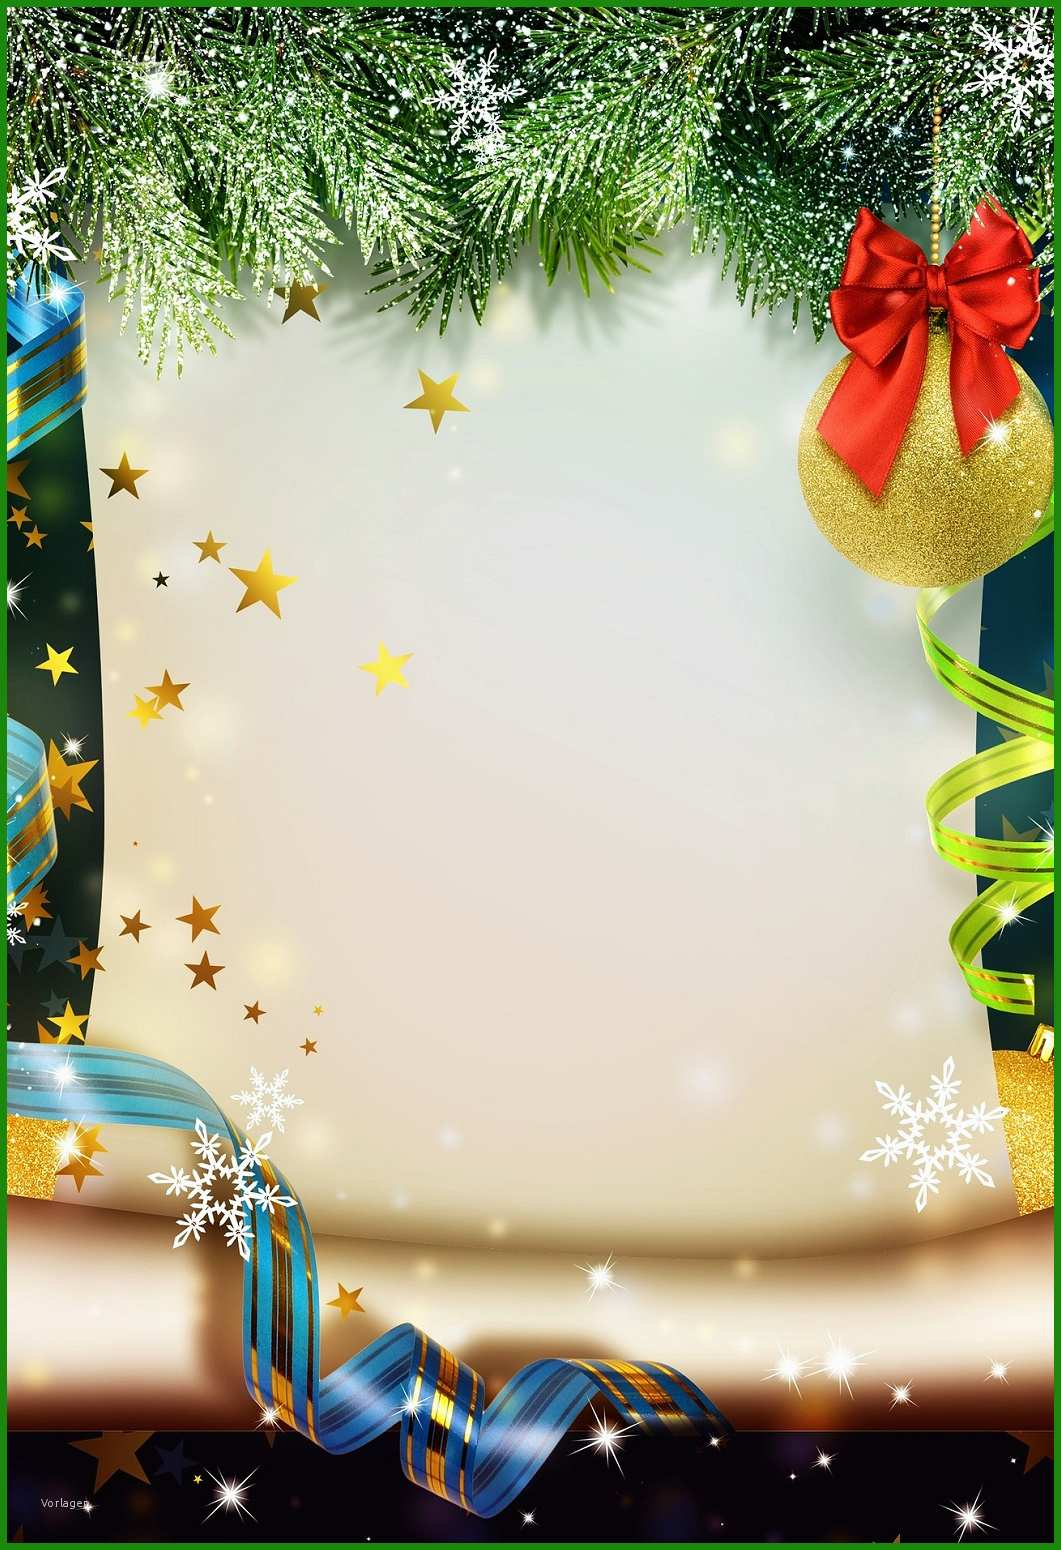 gutschein vorlage weihnachten ausdrucken kostenlos